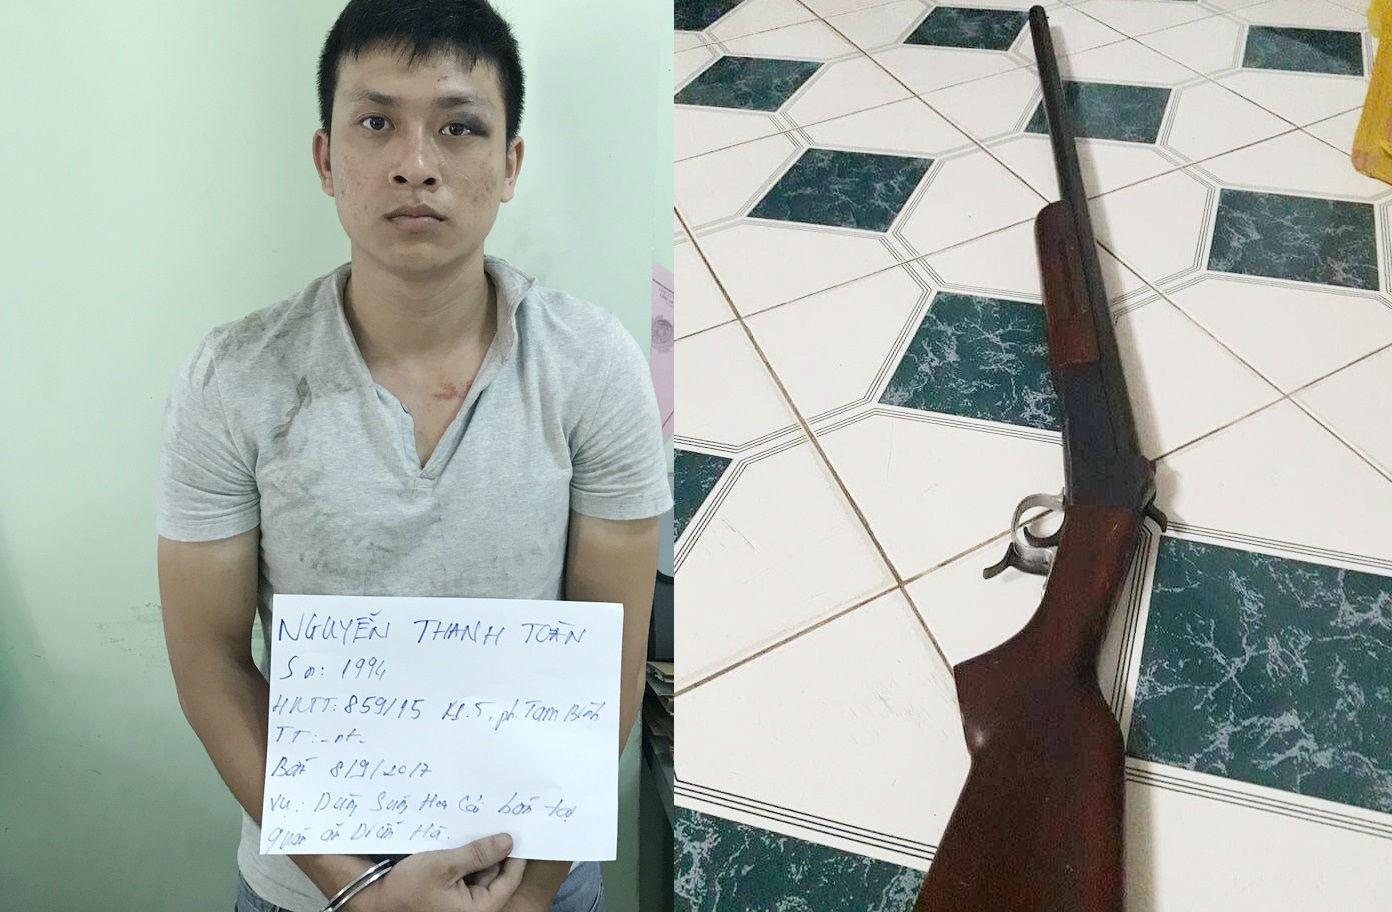 Cảnh sát cải trang bắt kẻ bắn 2 người trọng thương